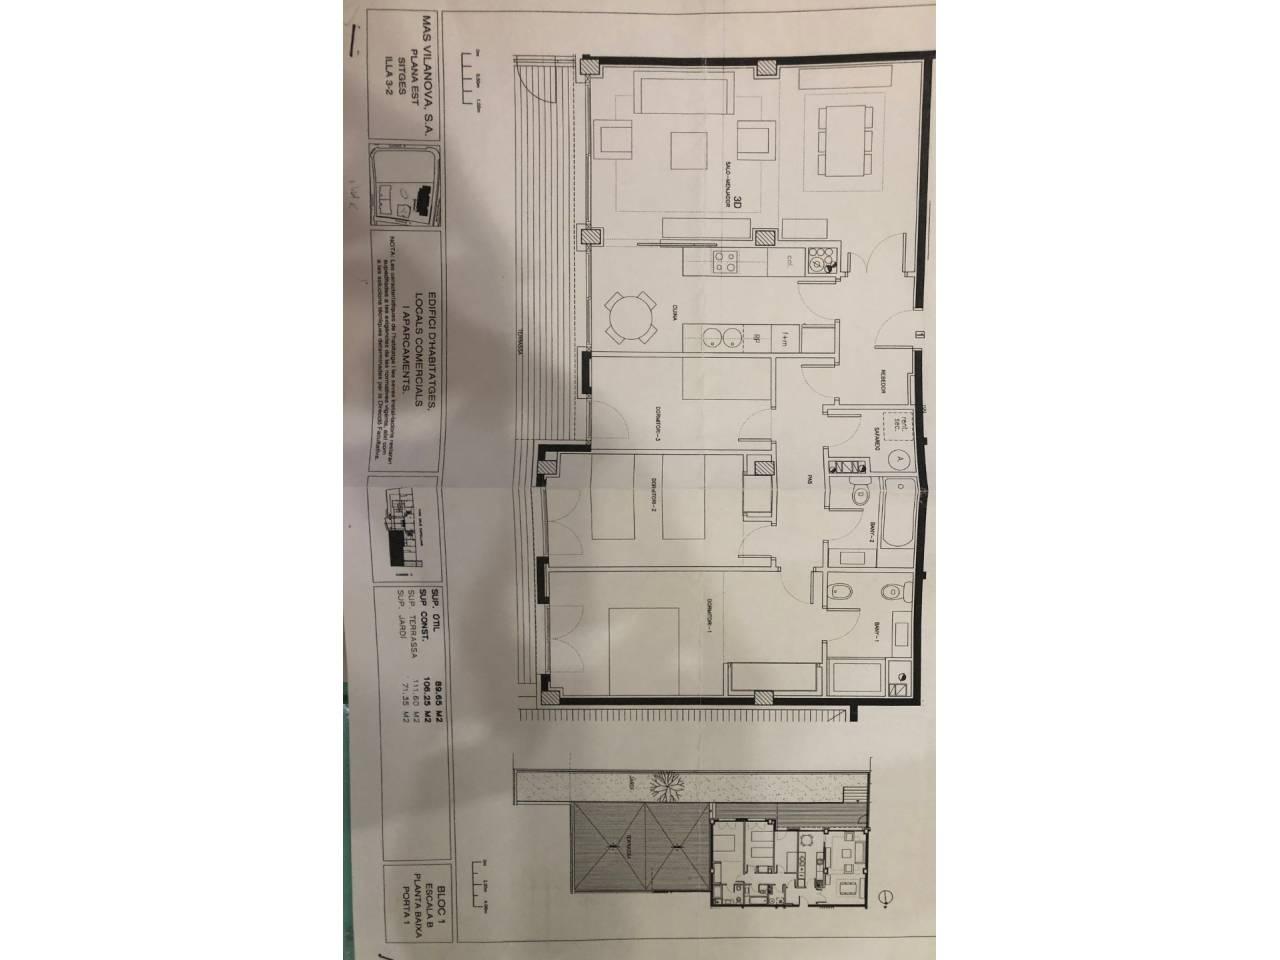 Piso  Calle cami capellans. Inigualable planta baja con más de 180 m2 de terraza y jardín pr